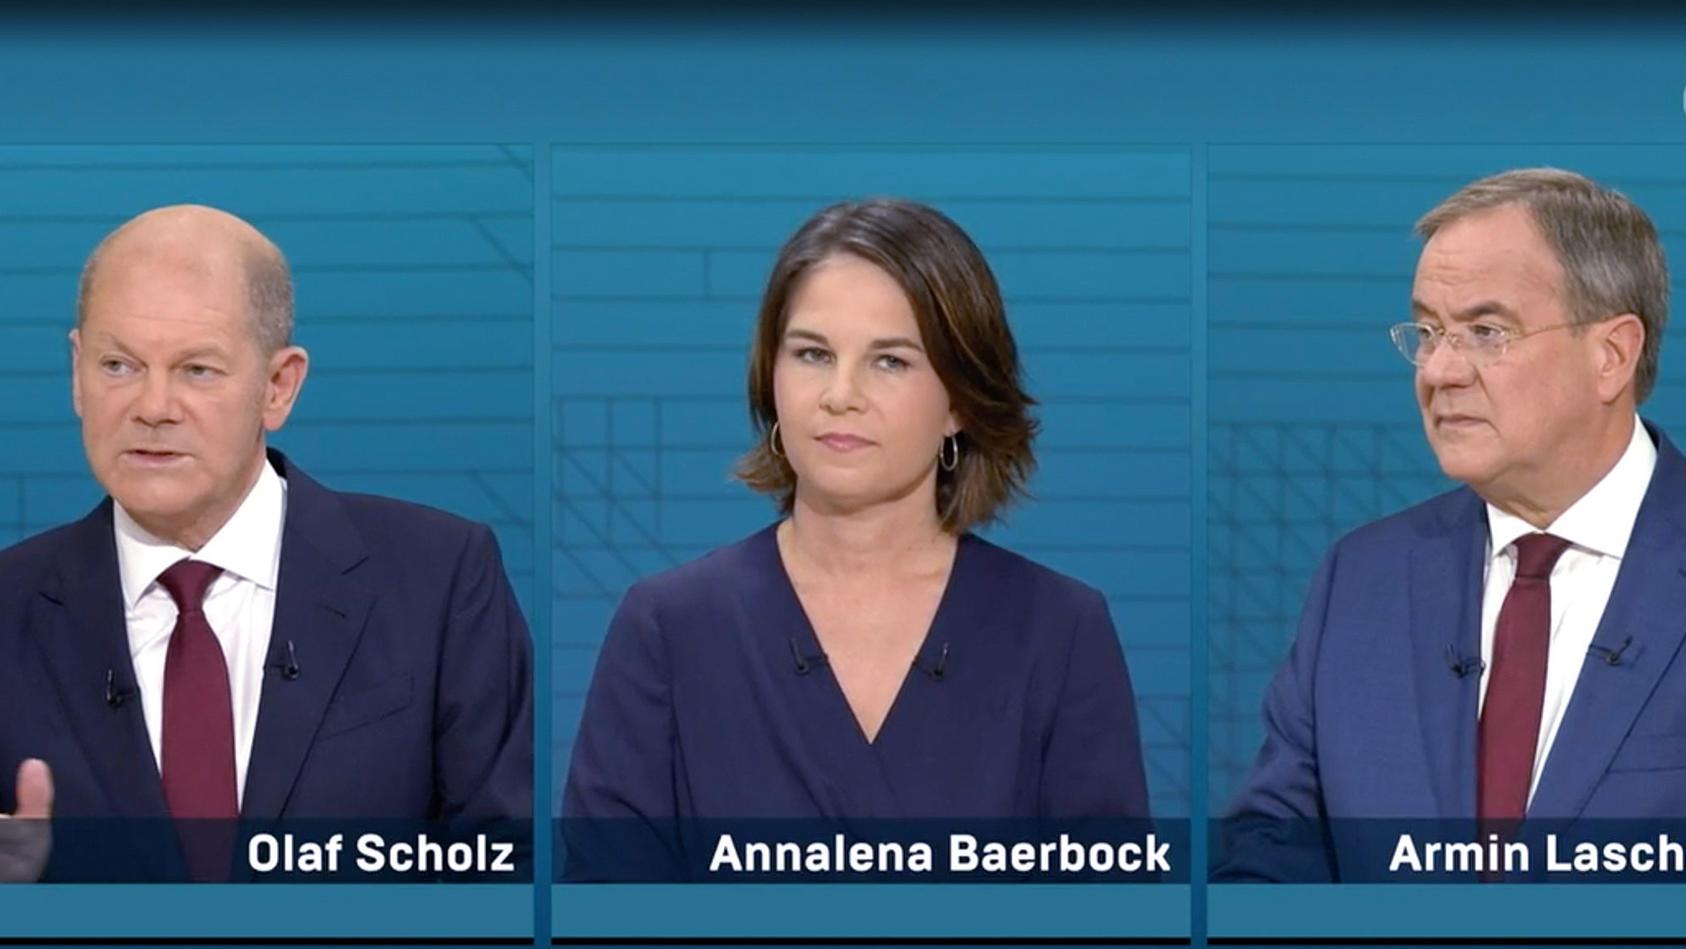 Olaf Scholz, Annalena Baerbock und Armin Laschet: Laut Plagiatsjäger Stefan Weber haben sie alle drei in ihren Büchern Teile abgeschrieben.